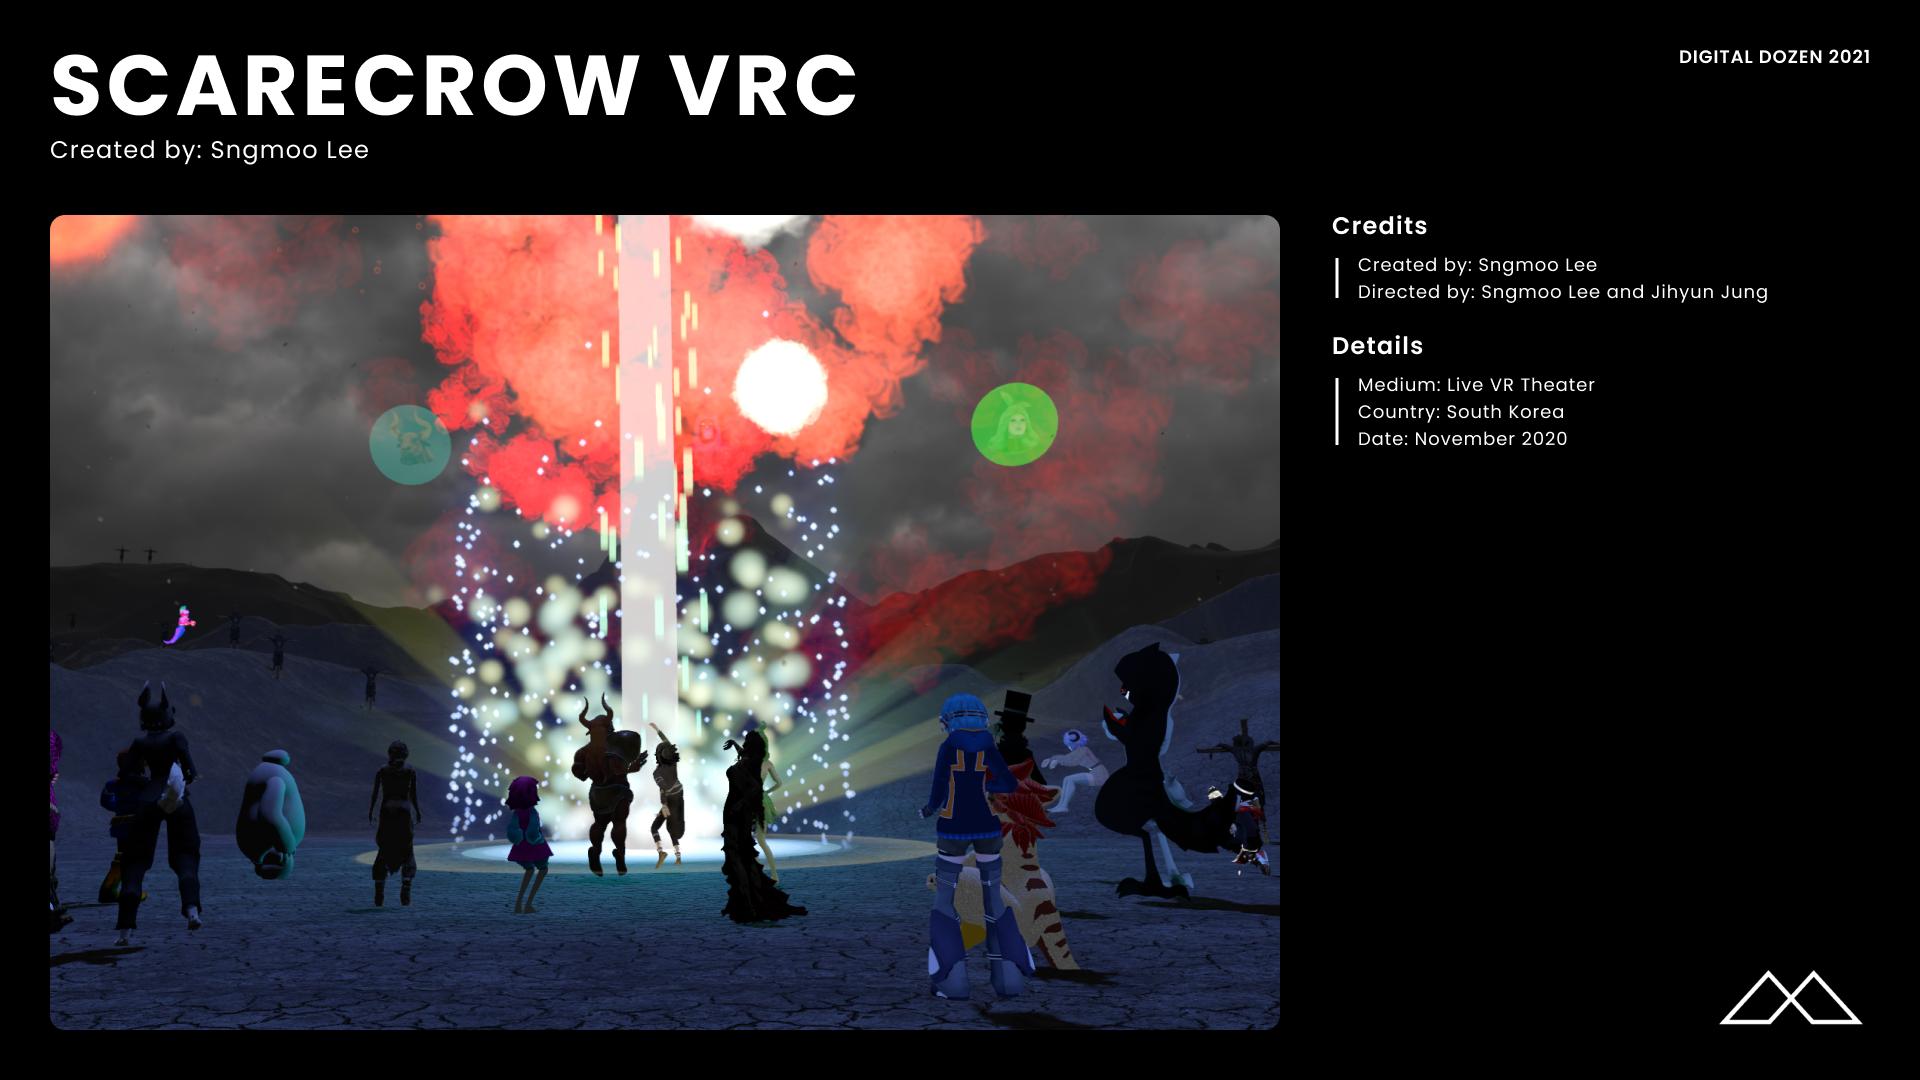 Scarecrow VRC Credits